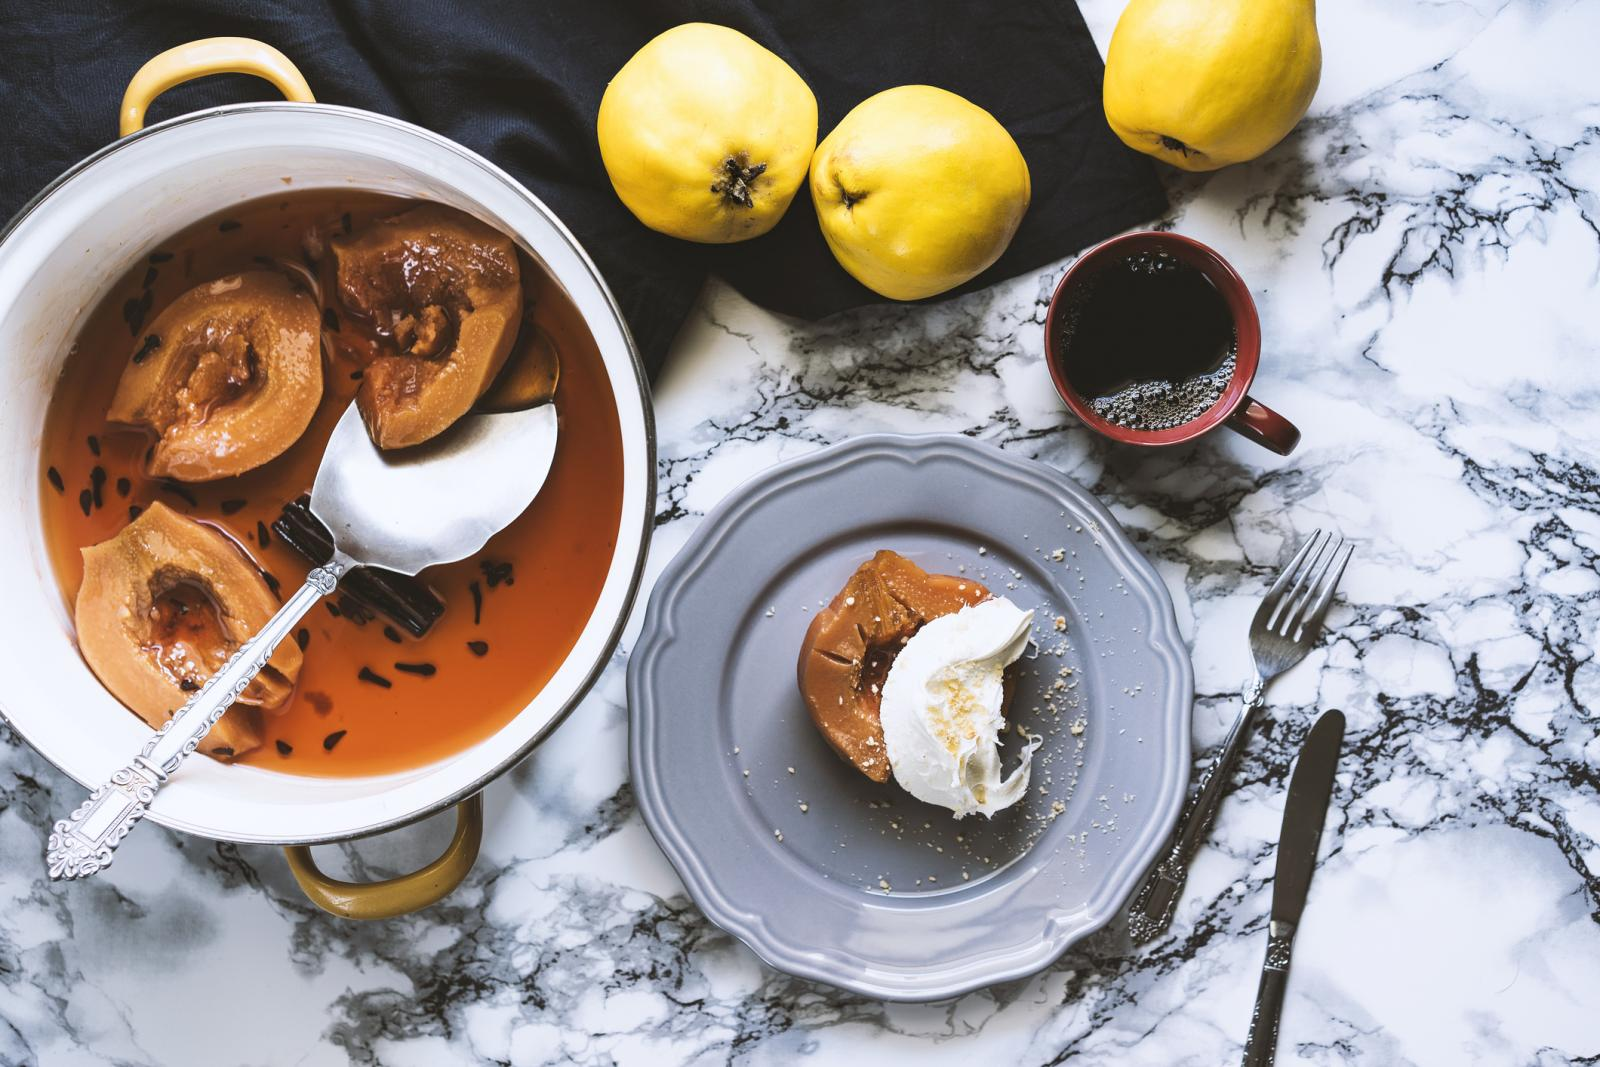 Osim kompota, od dunje možete napraviti pekmez, njome možete obogatiti kolače, guste juhe, umake za mesna pečenje, a posebno je cijenjen čaj od njezina lišća.